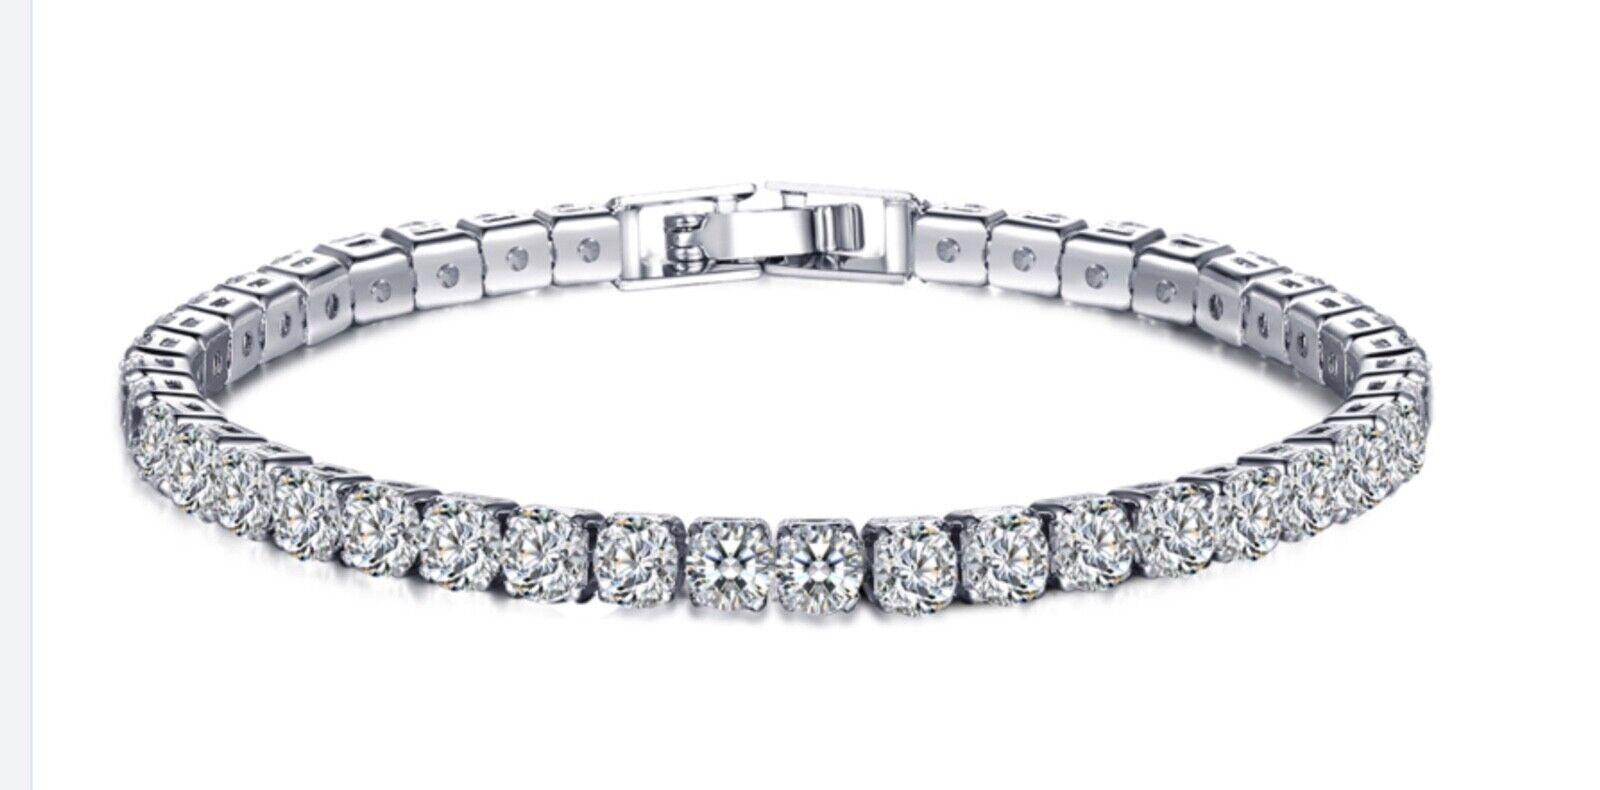 925 Sterling Silver Round Cut Tennis Bracelet 18K Women Bracelet Cubic Zirconia